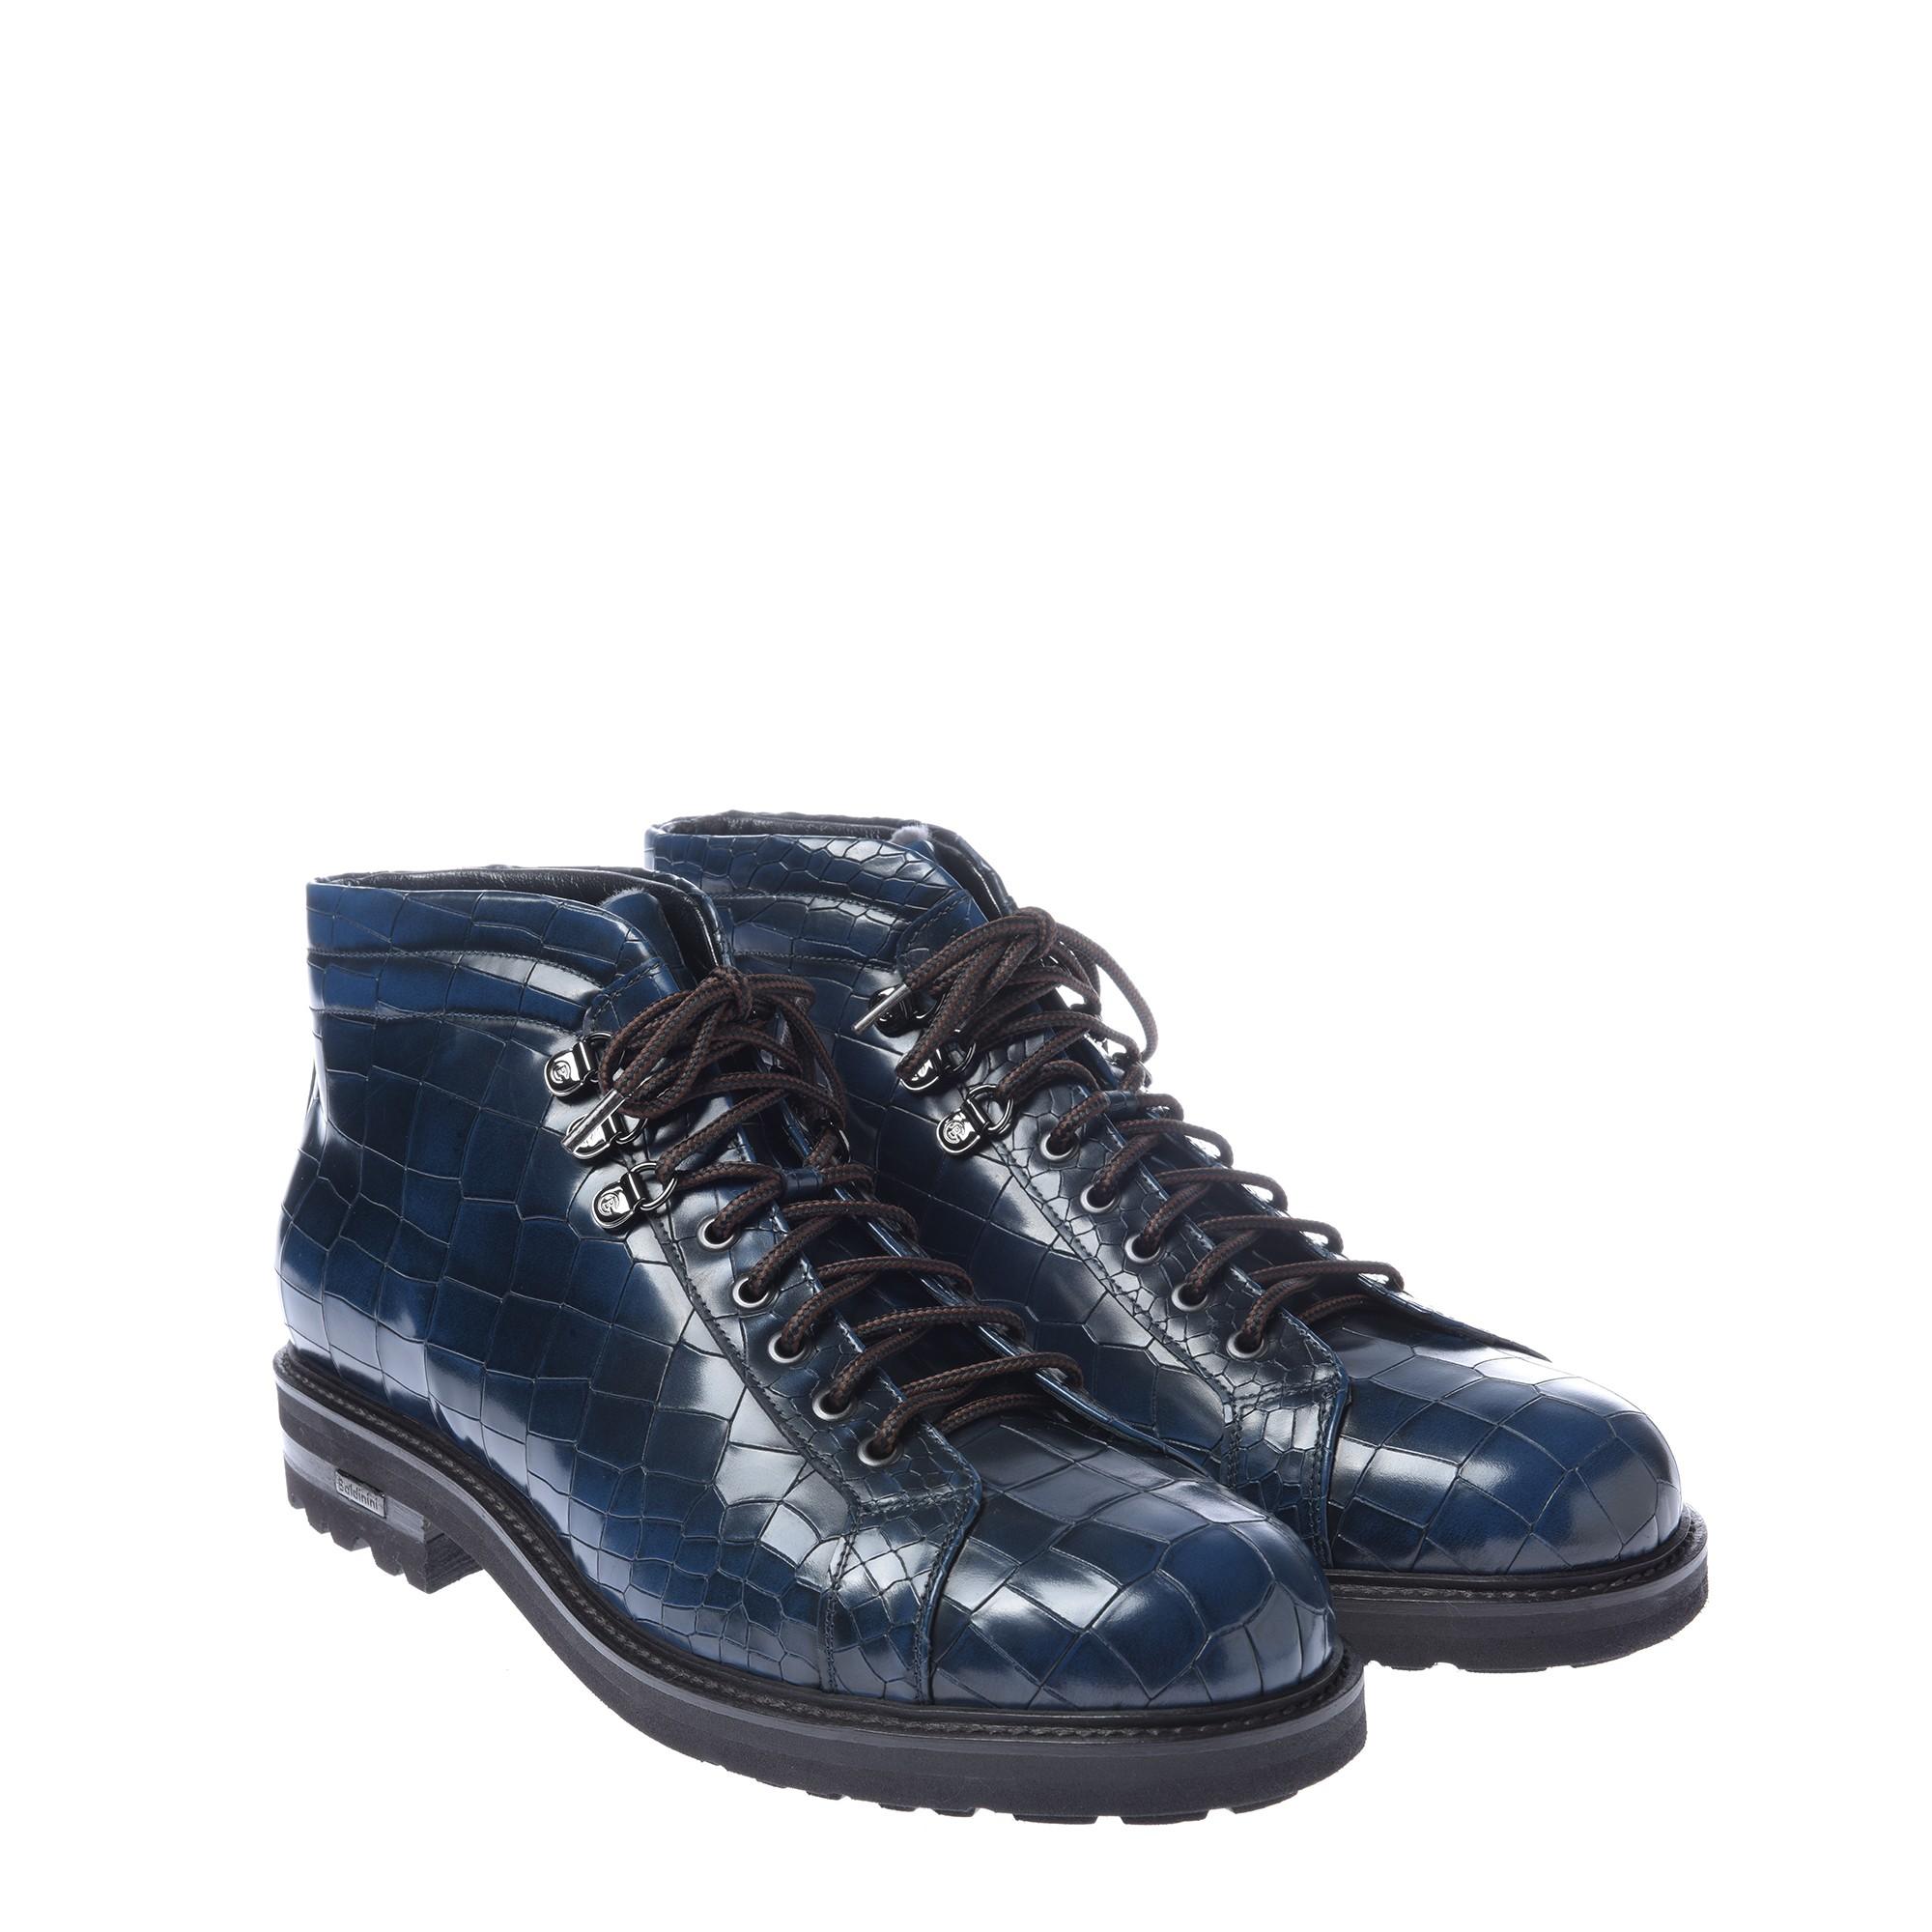 060d6e31c Мужская коллекция ботинок для мужчин от baldinini отражает всю сущность  мужского настоящего характера – сдержанные, строгие, притягательные и  выглядящие ...